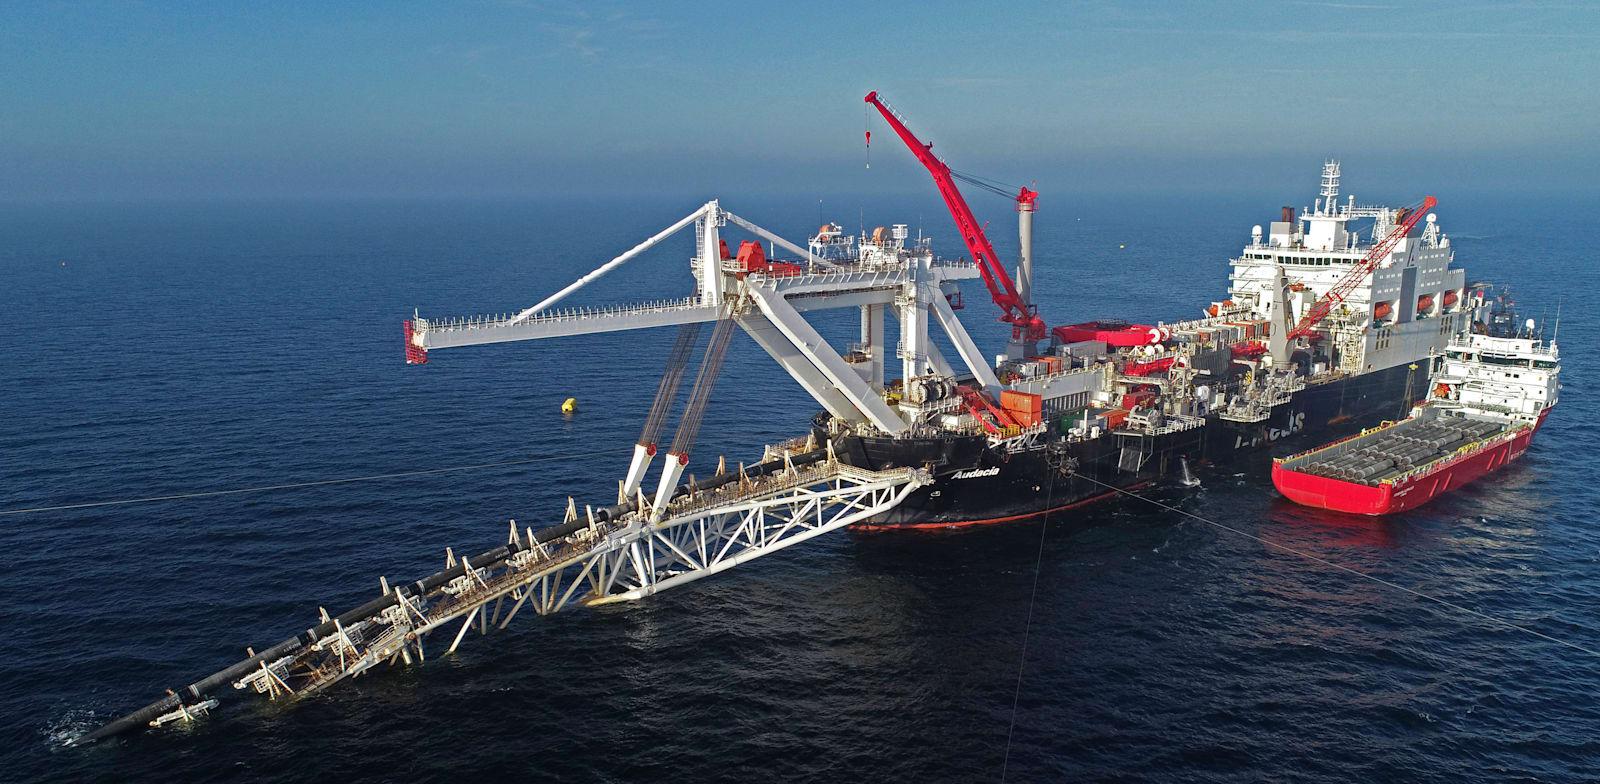 ספינה רוסית מניחה צינורות של נורד סטרים 2 בתחתית הים הבלטי, 2018 / צילום: Associated Press, Bernd Wuestneck